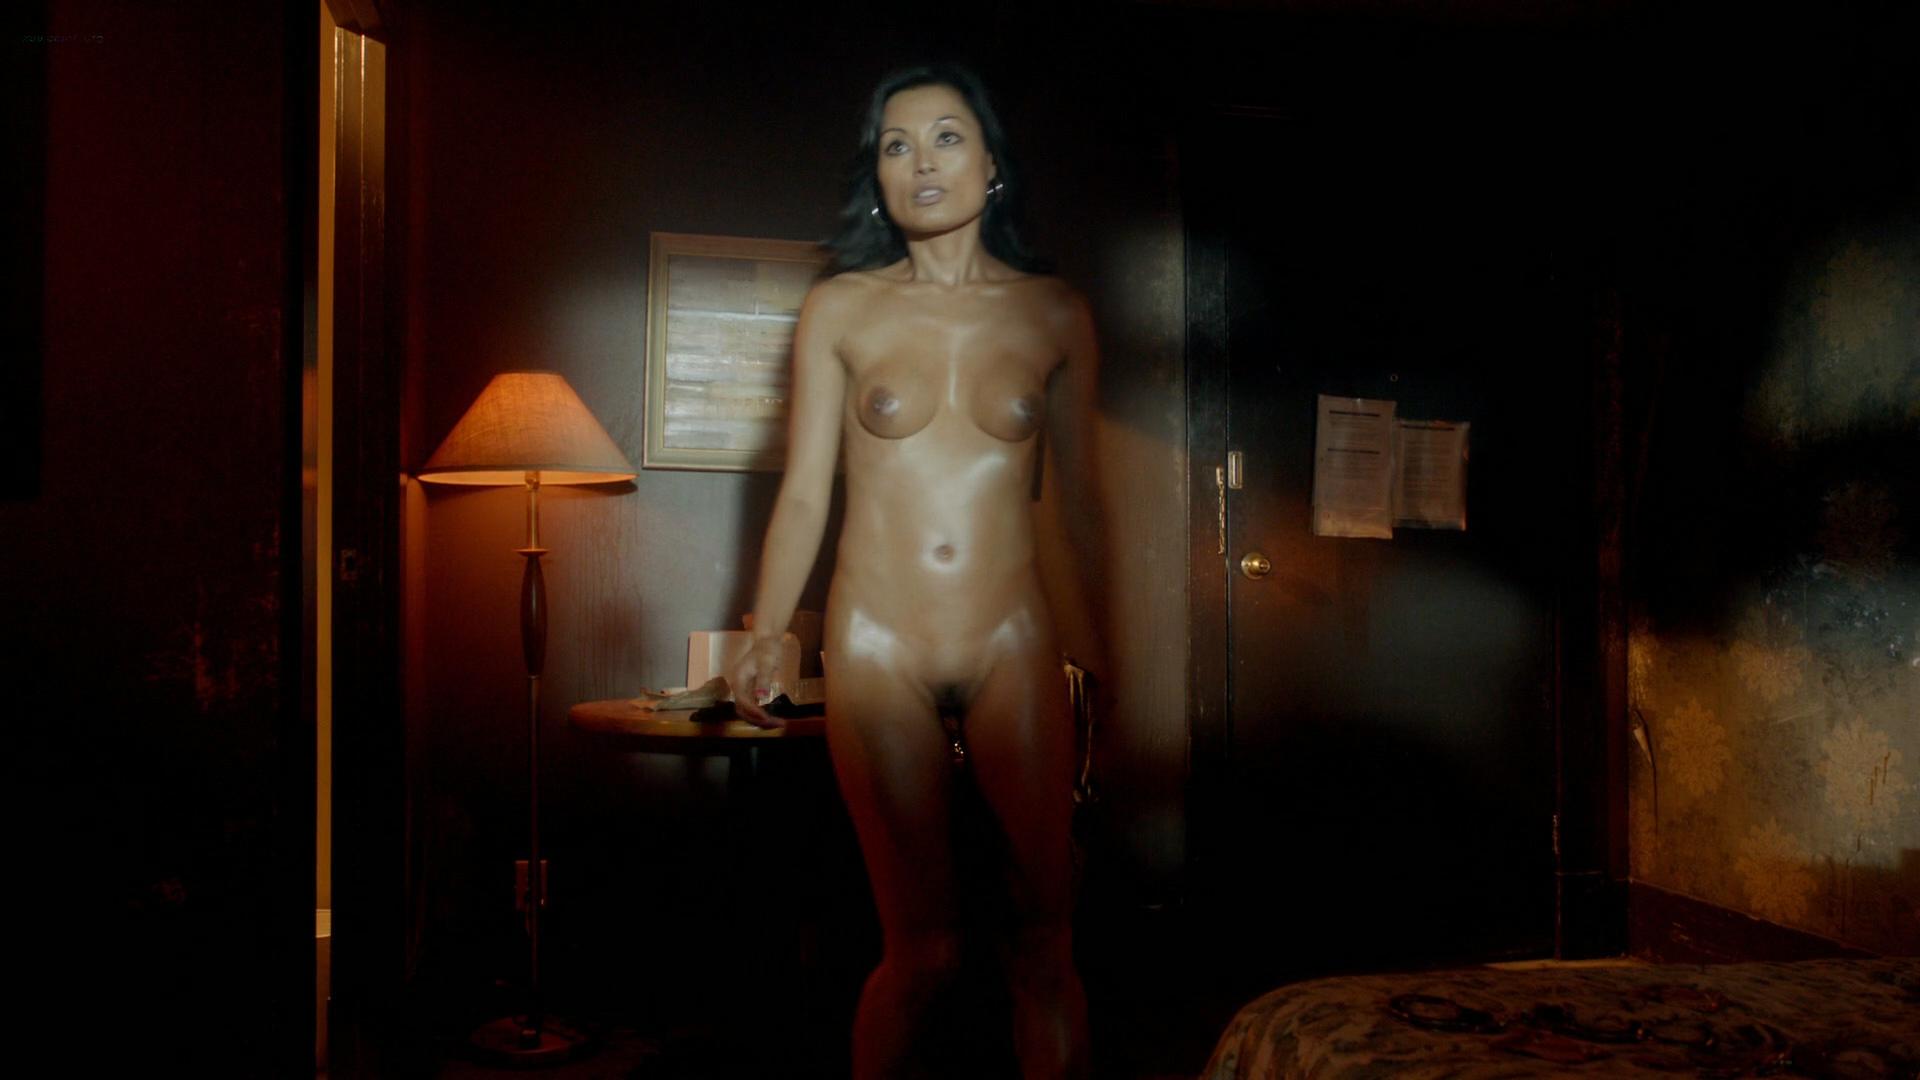 kier-sedgewick-nude